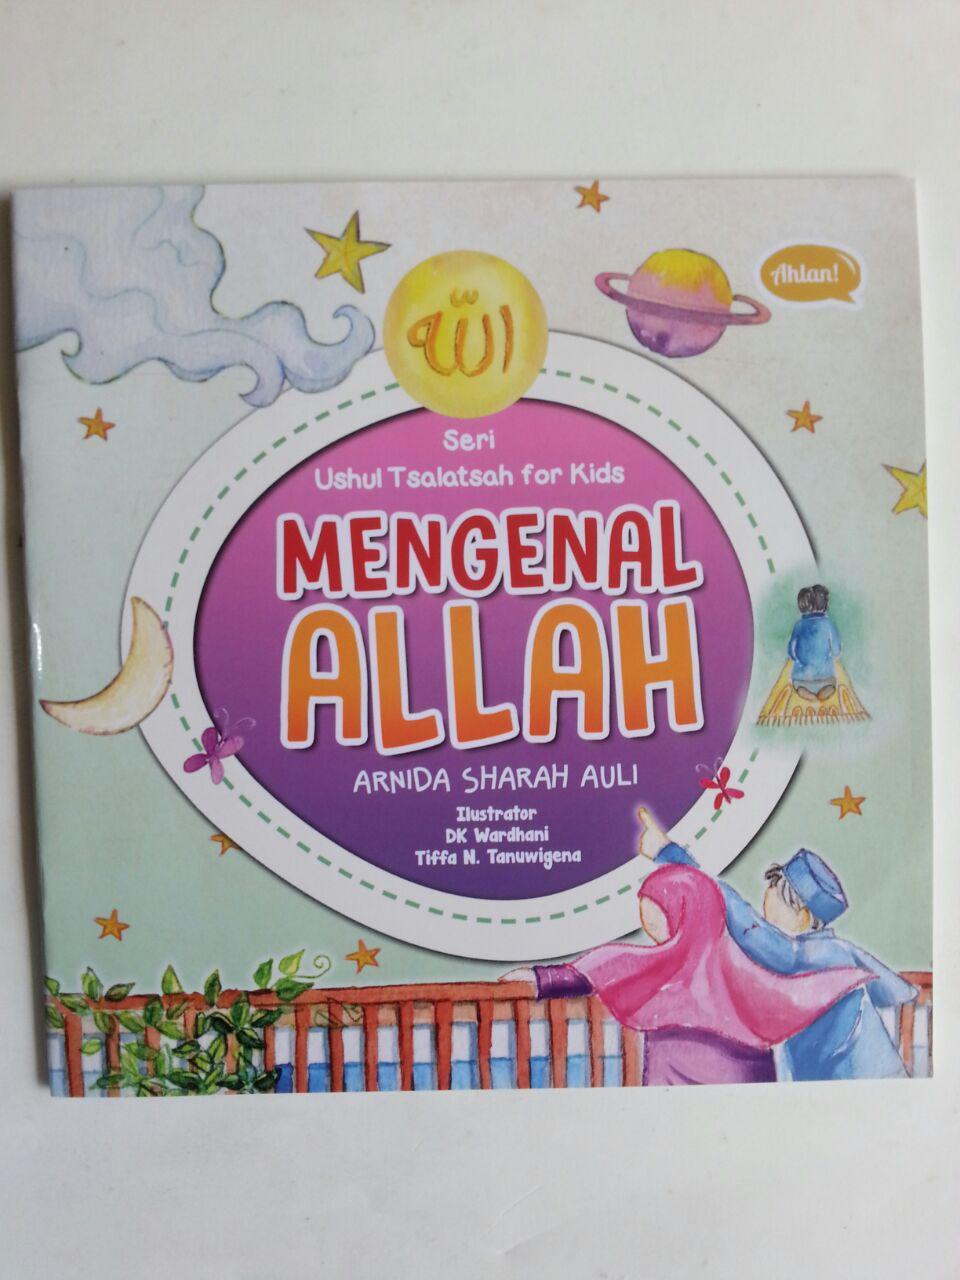 Buku Anak Seri Ushul Tsalatsah For Kids Mengenal Allah cover